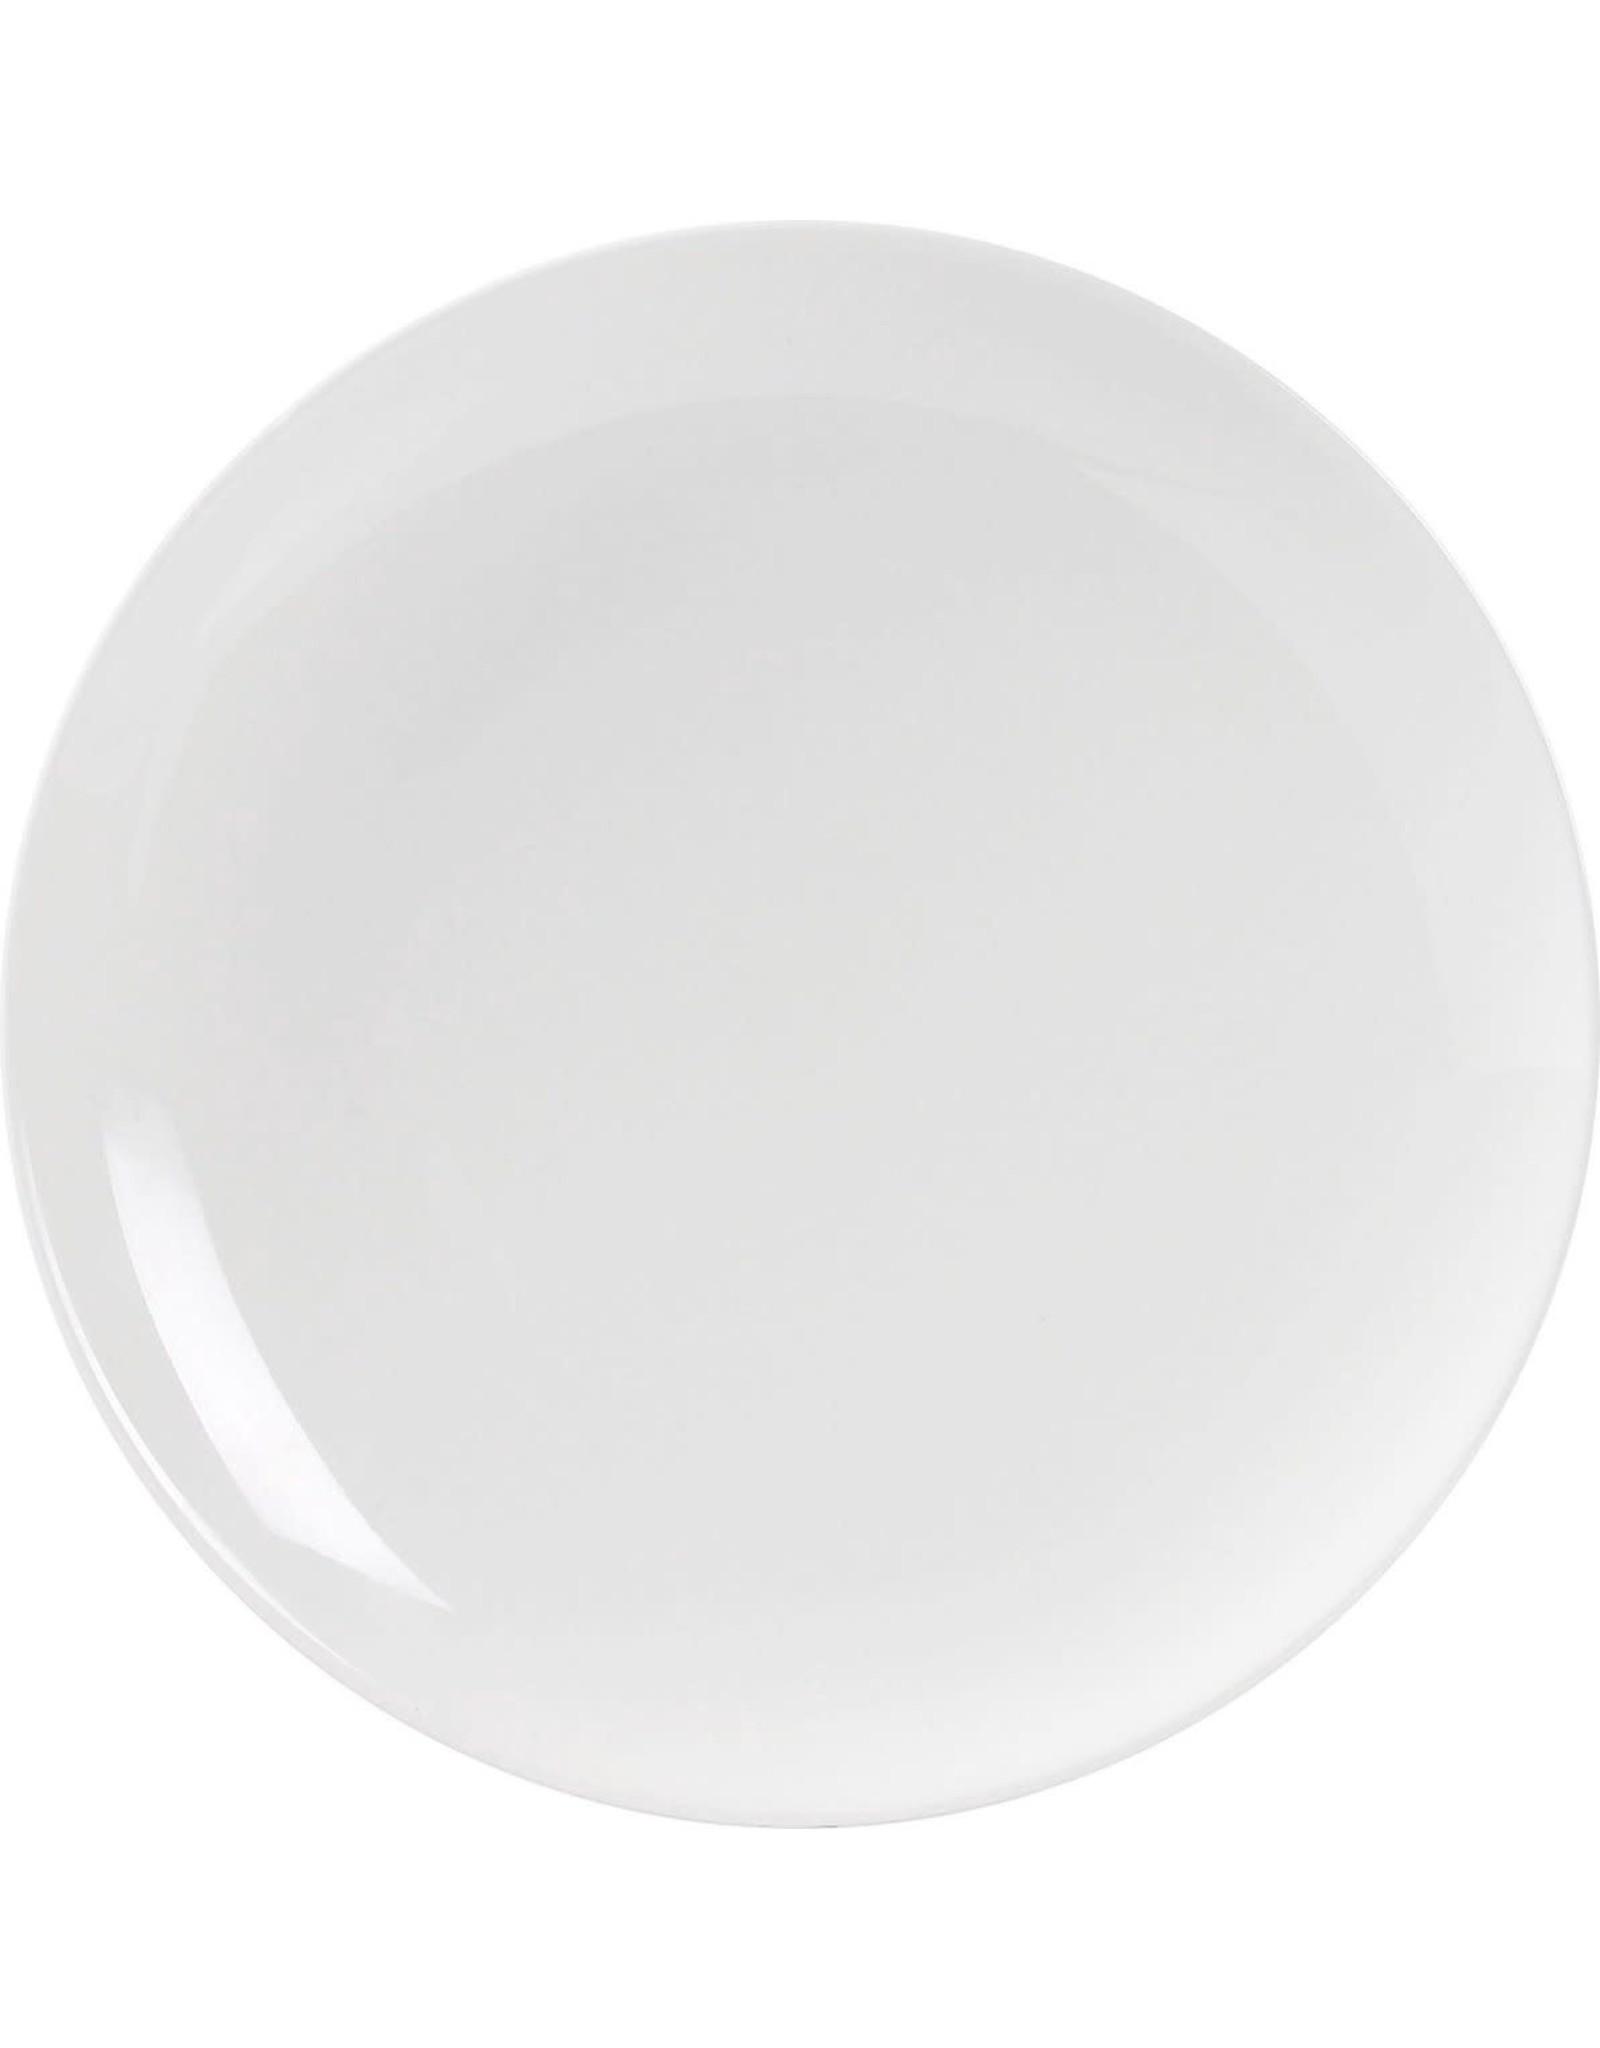 vt-wonen VT-WONEN. Plate Ivory/White 20cm